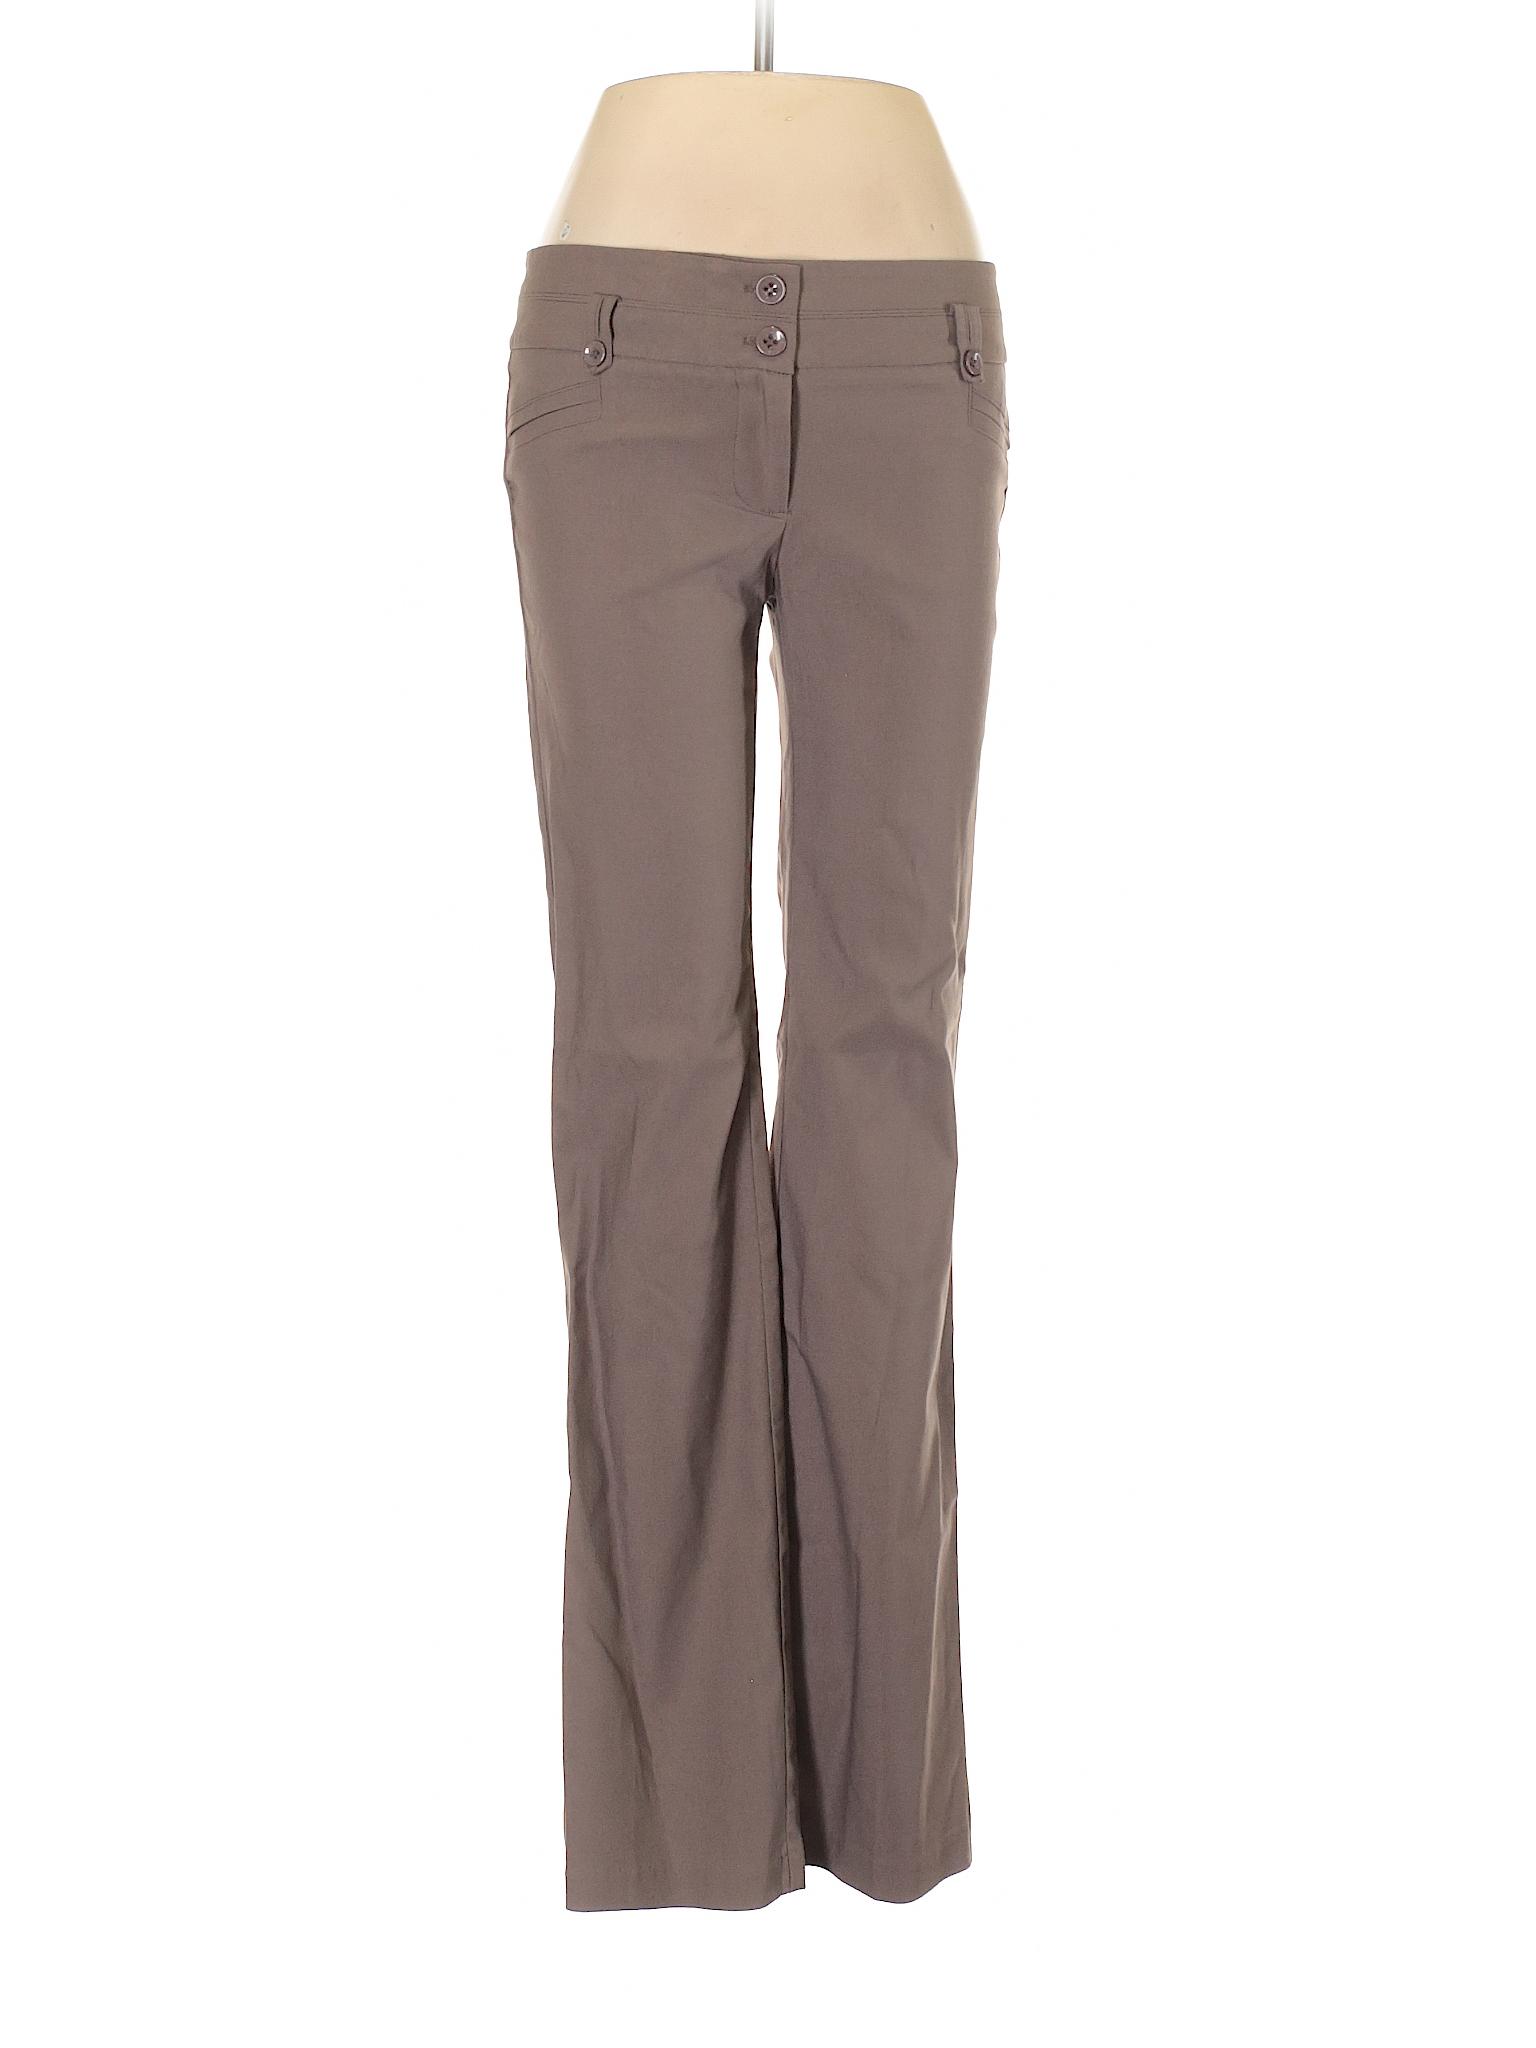 Pants leisure Boutique Boutique Dress leisure Have Have txqEwHvYWt